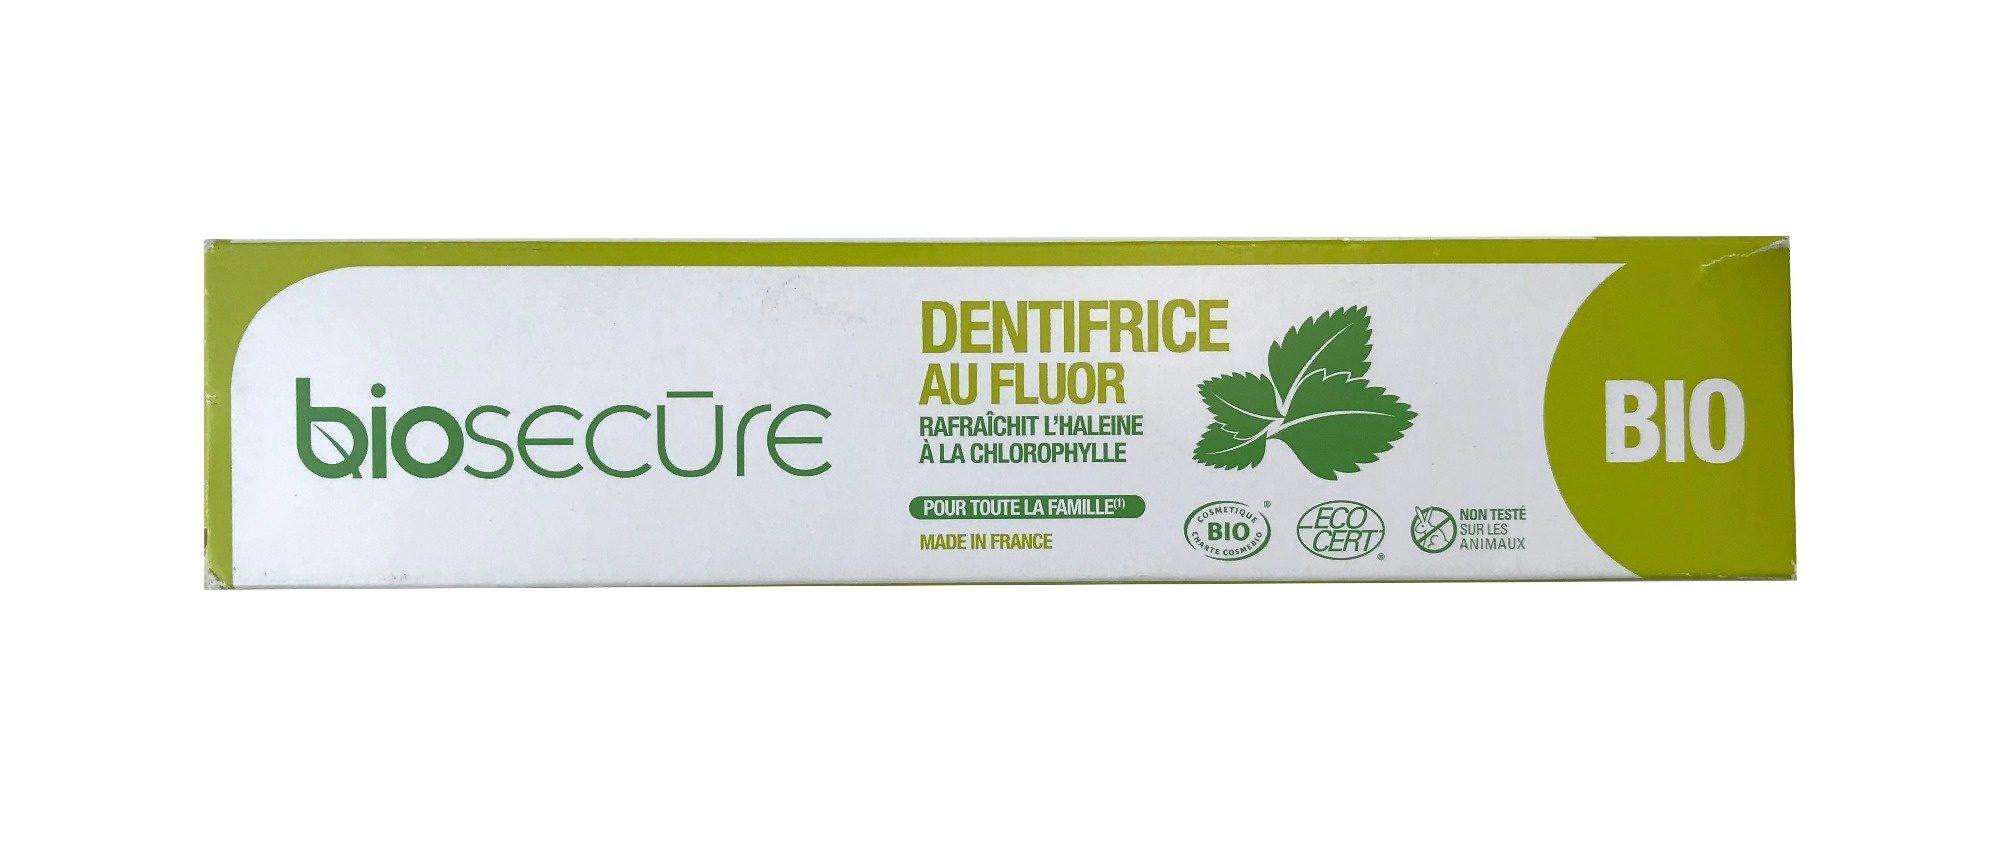 Biosecure Dentifrice au fluor Bio - Produit - fr